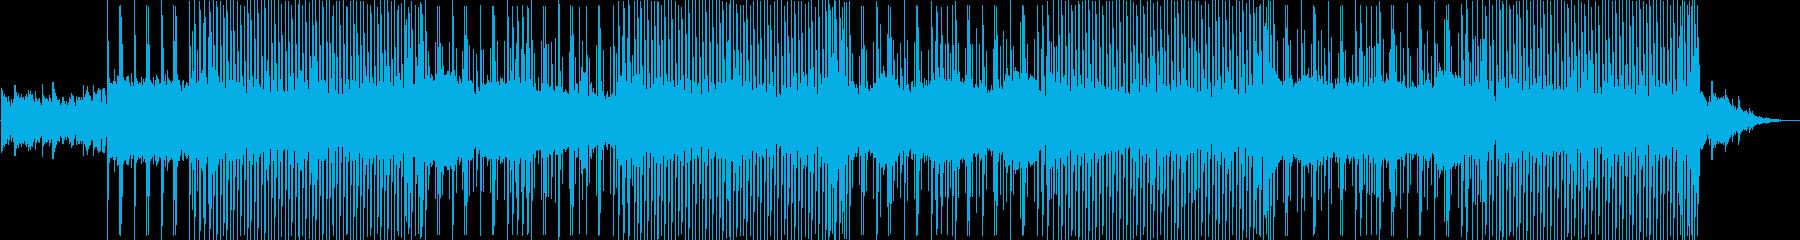 企業VP,解説動画,さわやか,ピアノの再生済みの波形